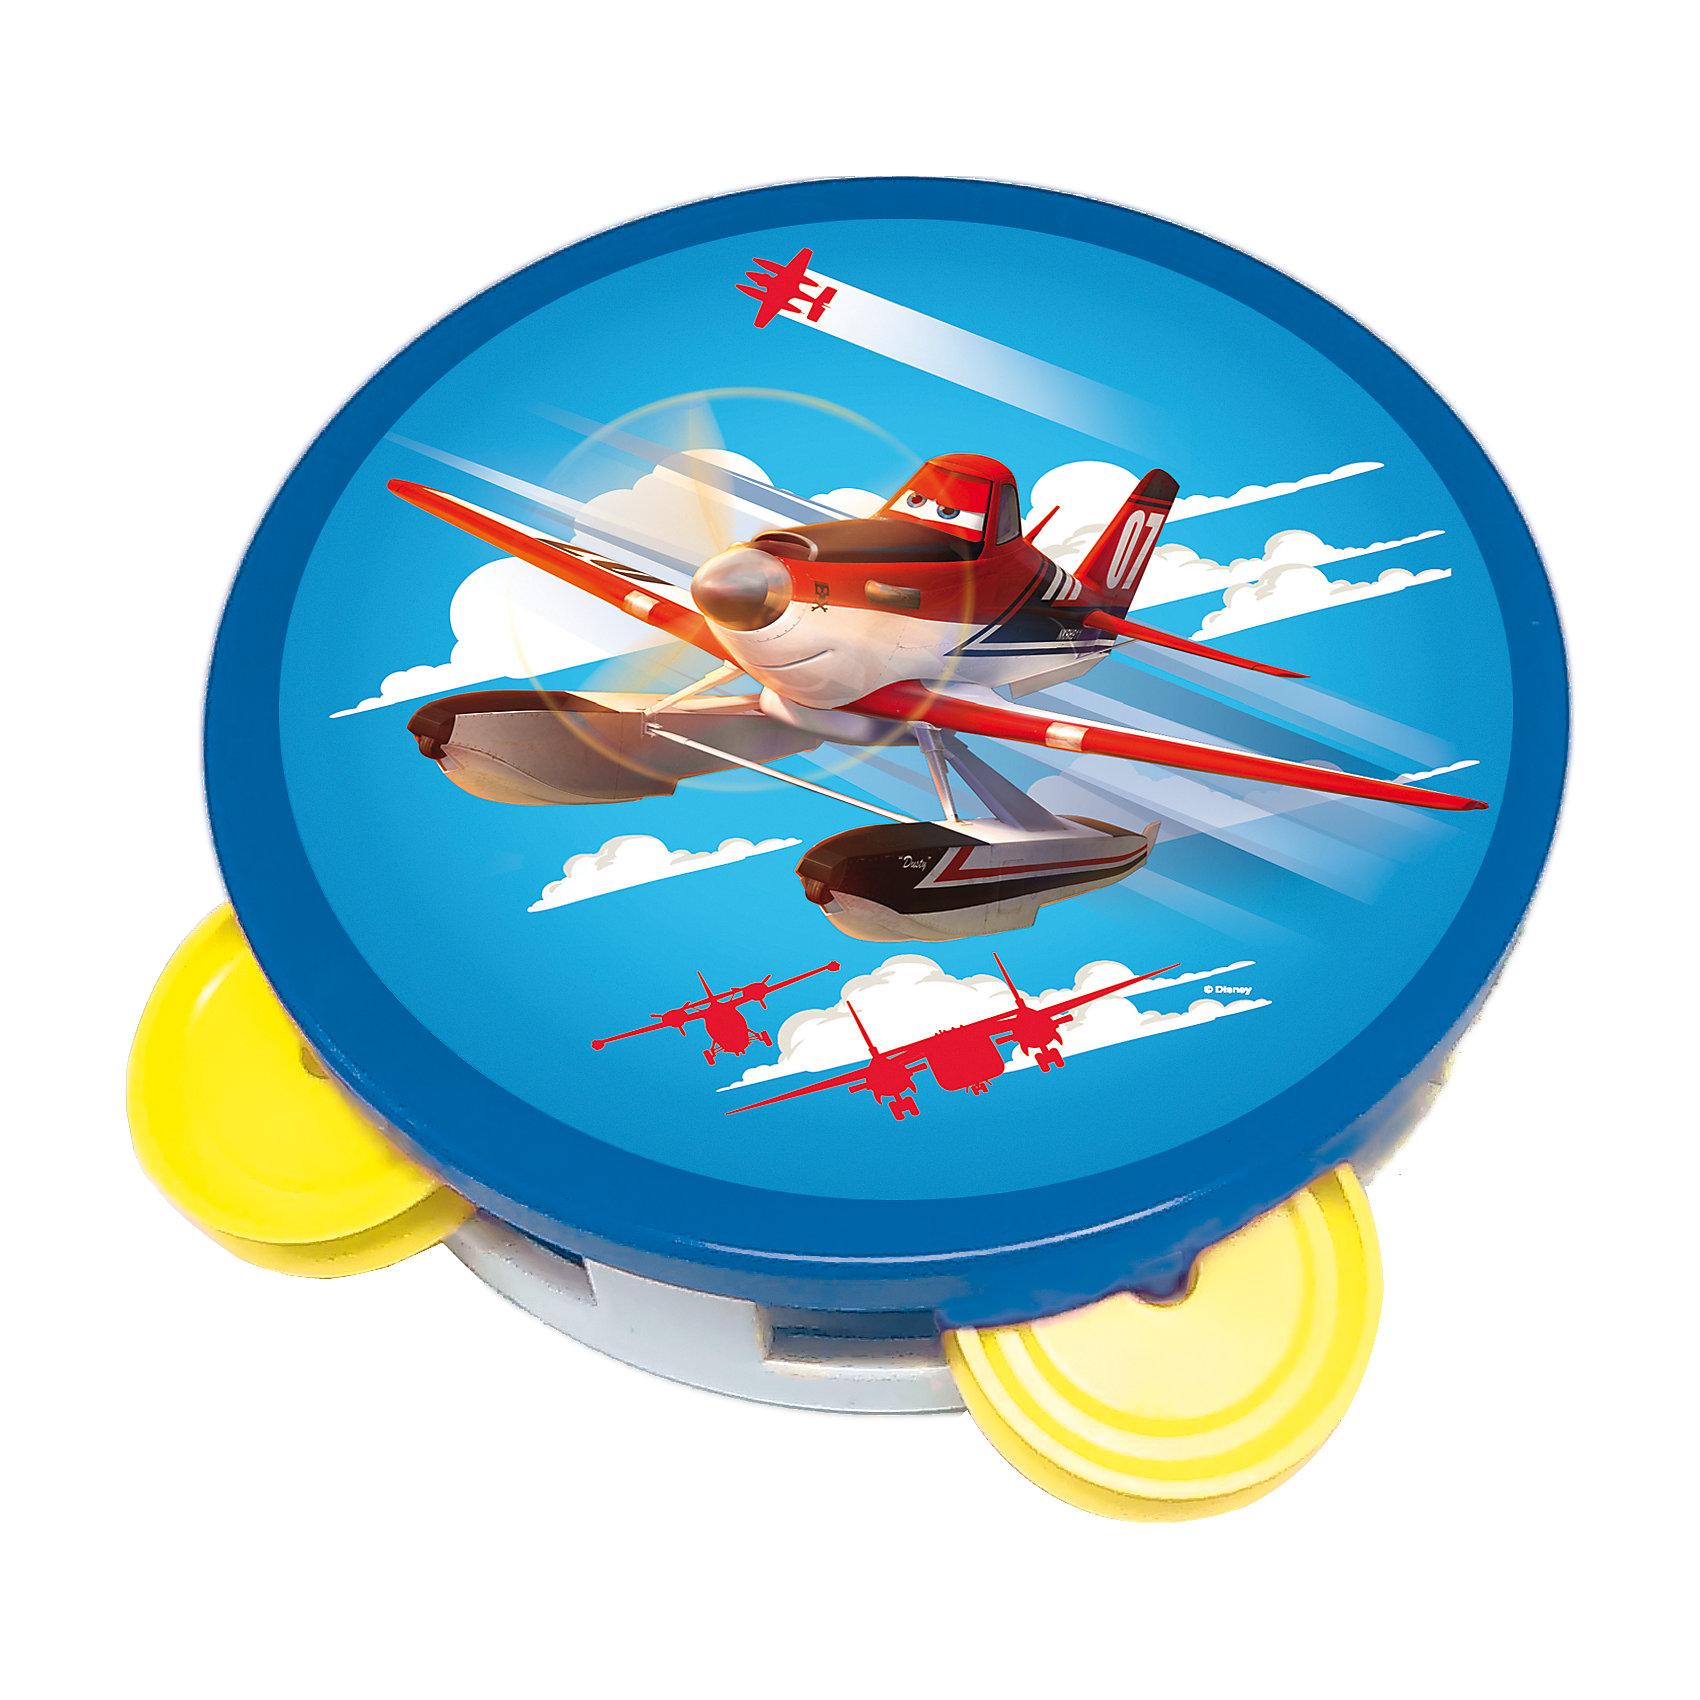 Бубен большой Самолёты-6, Рыжий котДругие музыкальные инструменты<br>Бубен большой Самолёты-6, Рыжий кот.<br><br>Характеристики:<br><br>• Для детей в возрасте от 3-х лет<br>• Диаметр: 14 см.<br>• Материал: пластик<br>• Упаковка: пакет с европодвесом<br>• Произведено в России<br><br>Бубен вызовет восторг у вашего маленького музыканта. На бубен нанесен яркий рисунок с изображением героя Disney самолетика Дасти Полейполе, который непременно понравится ребенку. Размер бубна позволяет малышу крепко держать его маленькими ручками. Игра на музыкальном инструменте поможет малышу развить слух, чувство ритма, музыкальные способности, и подарит ребенку и всей семье массу удовольствия.<br><br>Бубен большой Самолёты-6, Рыжий кот можно купить в нашем интернет-магазине.<br><br>Ширина мм: 140<br>Глубина мм: 140<br>Высота мм: 30<br>Вес г: 75<br>Возраст от месяцев: 36<br>Возраст до месяцев: 2147483647<br>Пол: Мужской<br>Возраст: Детский<br>SKU: 5453895